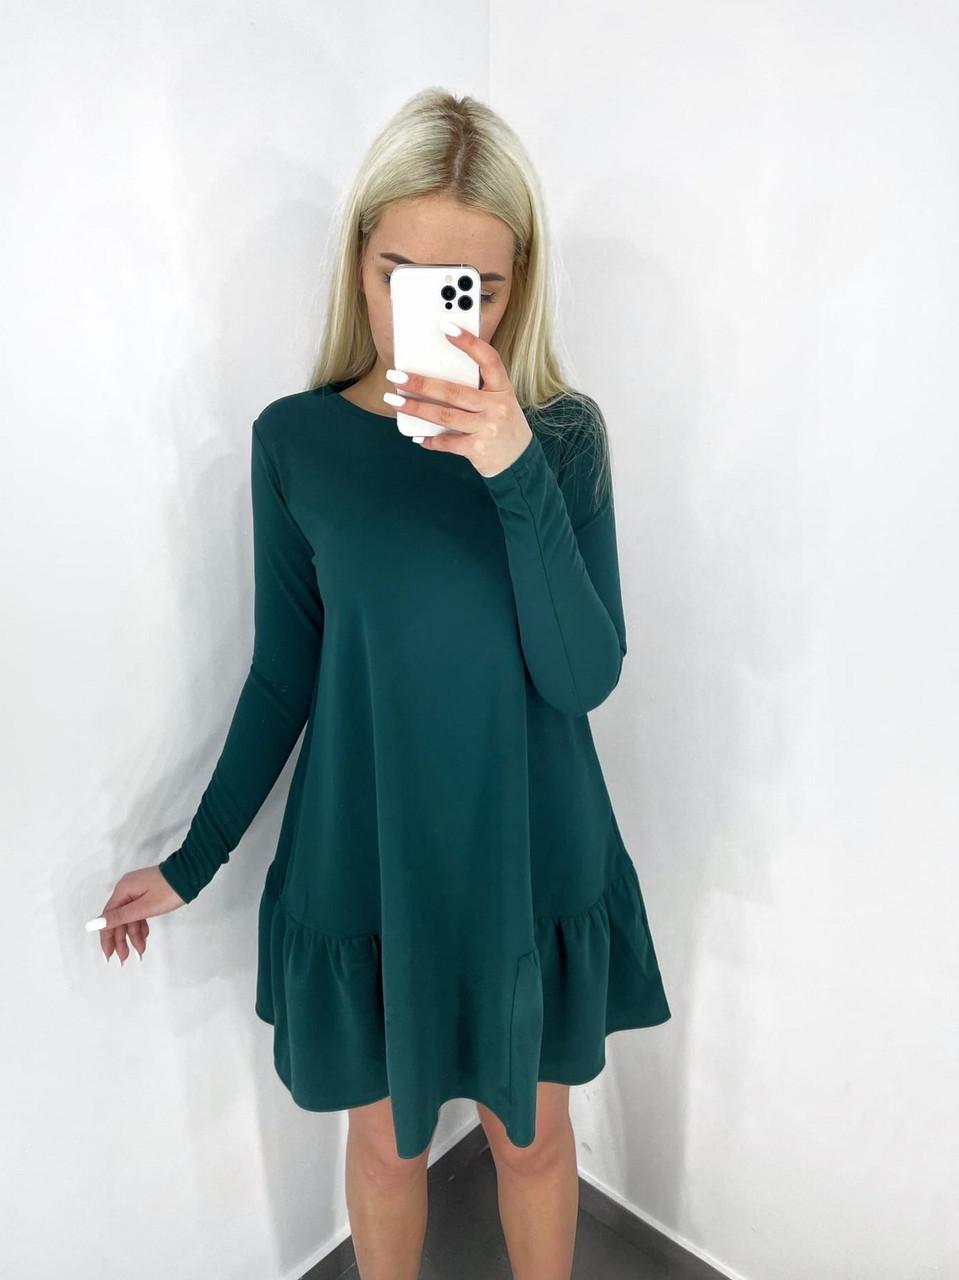 Модне офісне плаття з креп-дайвінгу з кишенями, 00527 (Пляшковий), Размер 44 (M)